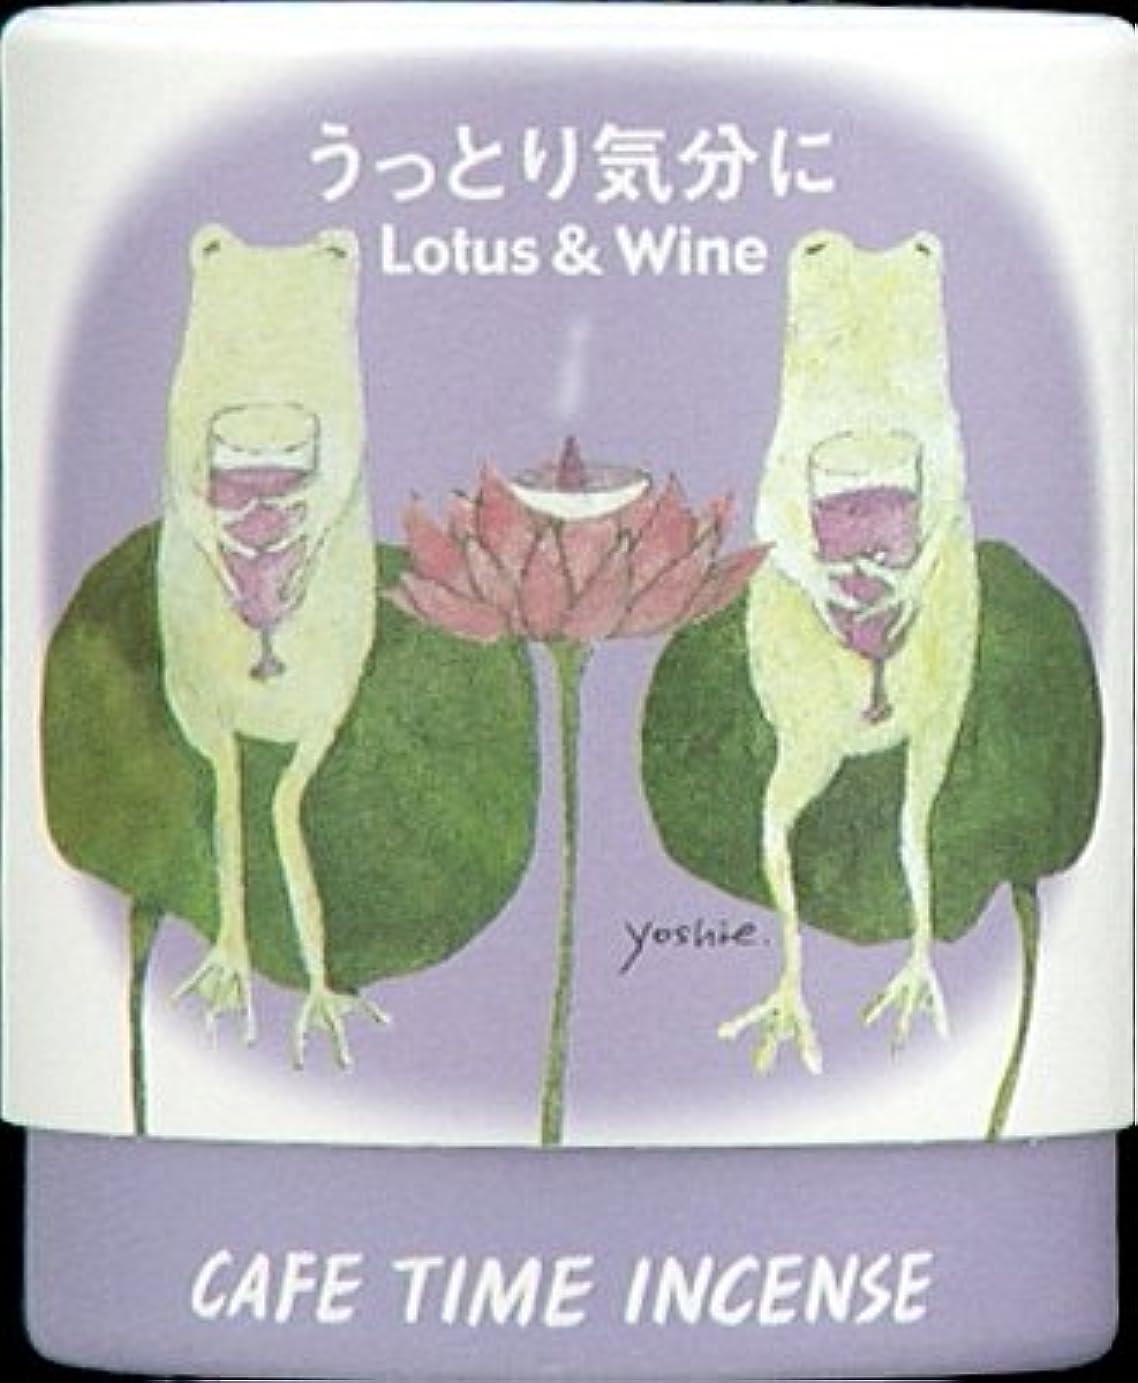 哲学負担ズームインする日本香堂 カフェタイム インセンス うっとり気分に コーン 10個入 (お香)×144点セット (4902125333024)